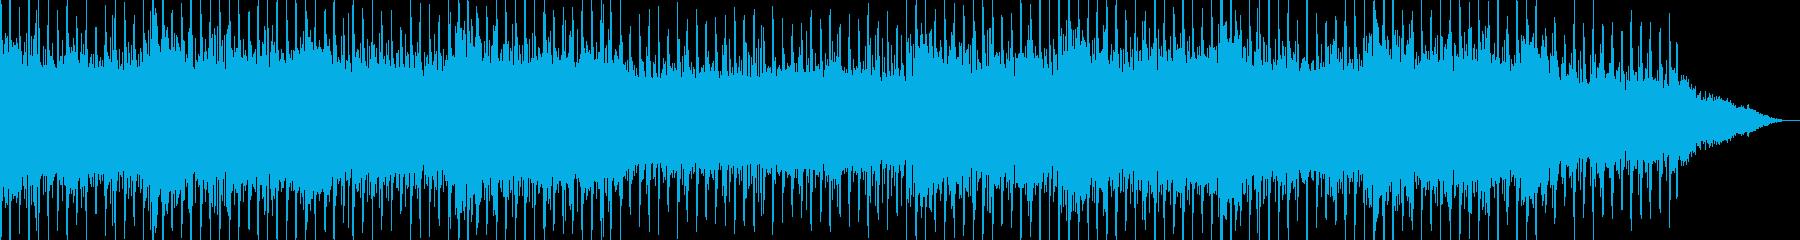 近未来SFサスペンス風シンセBGMの再生済みの波形